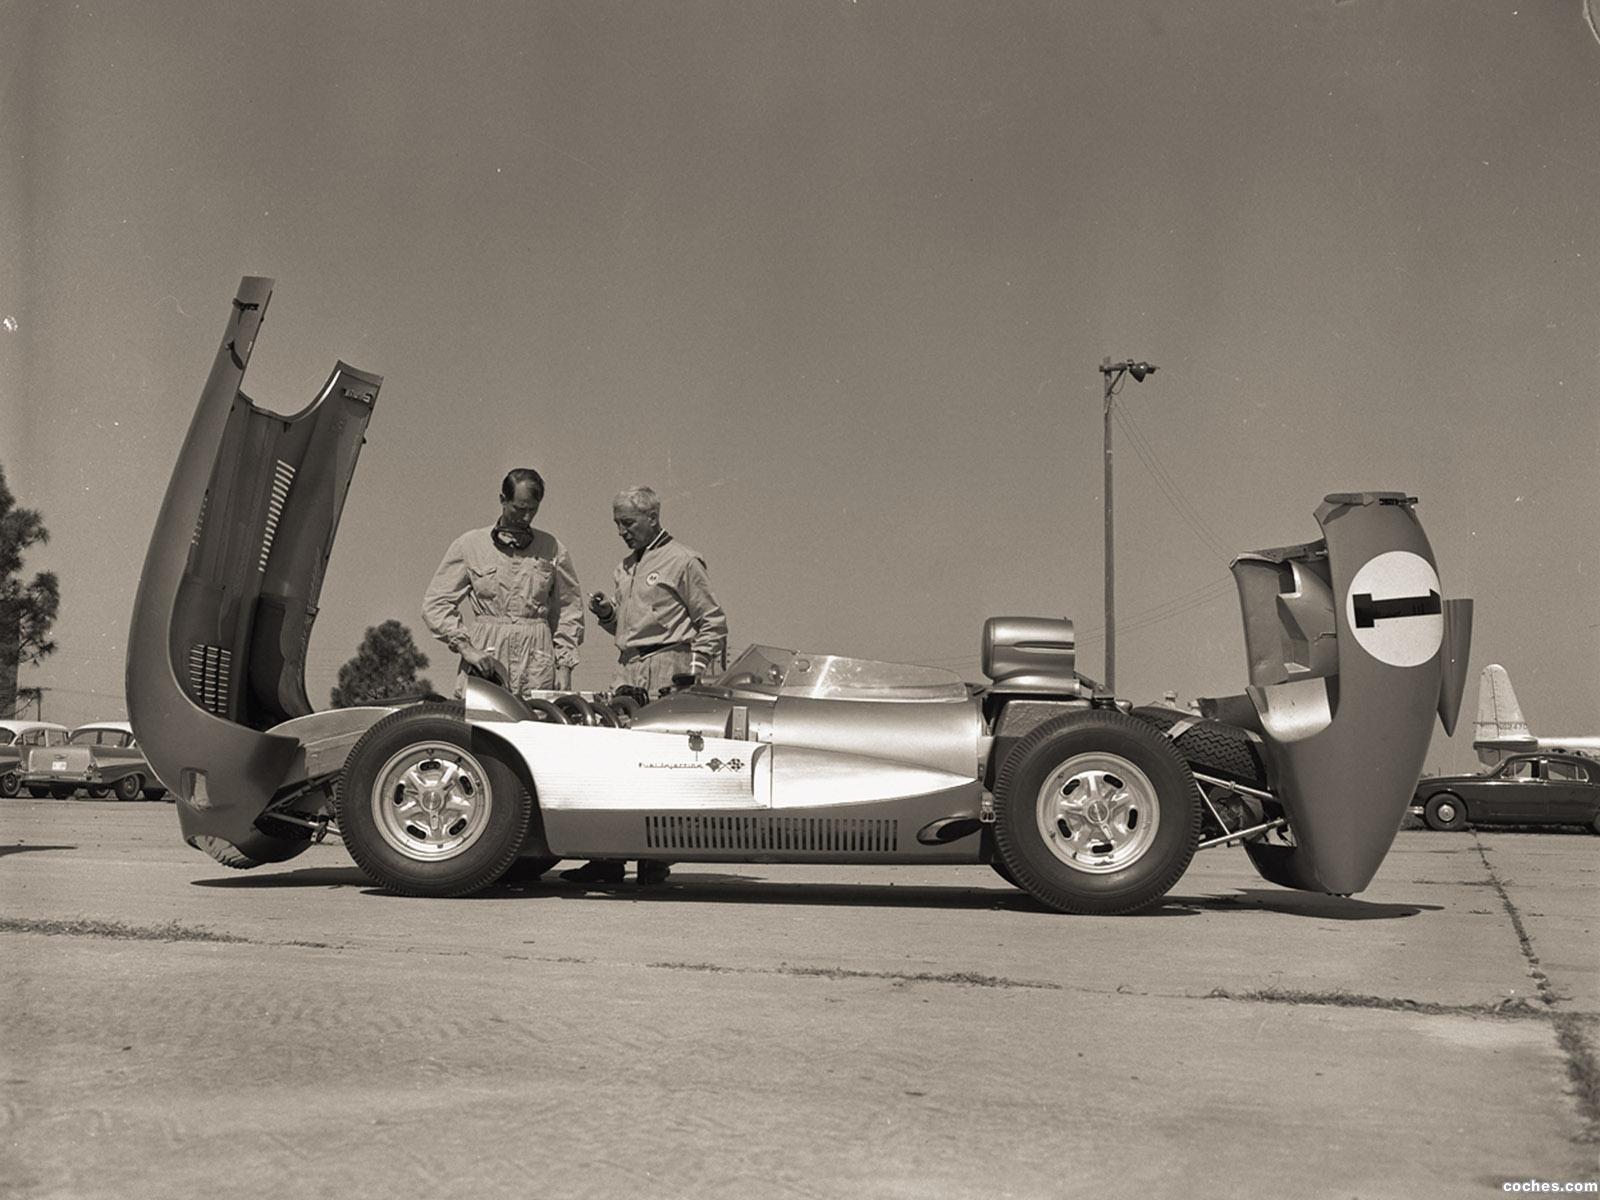 Foto 10 de Chevrolet Corvette SS XP 64 Concept Car 1957